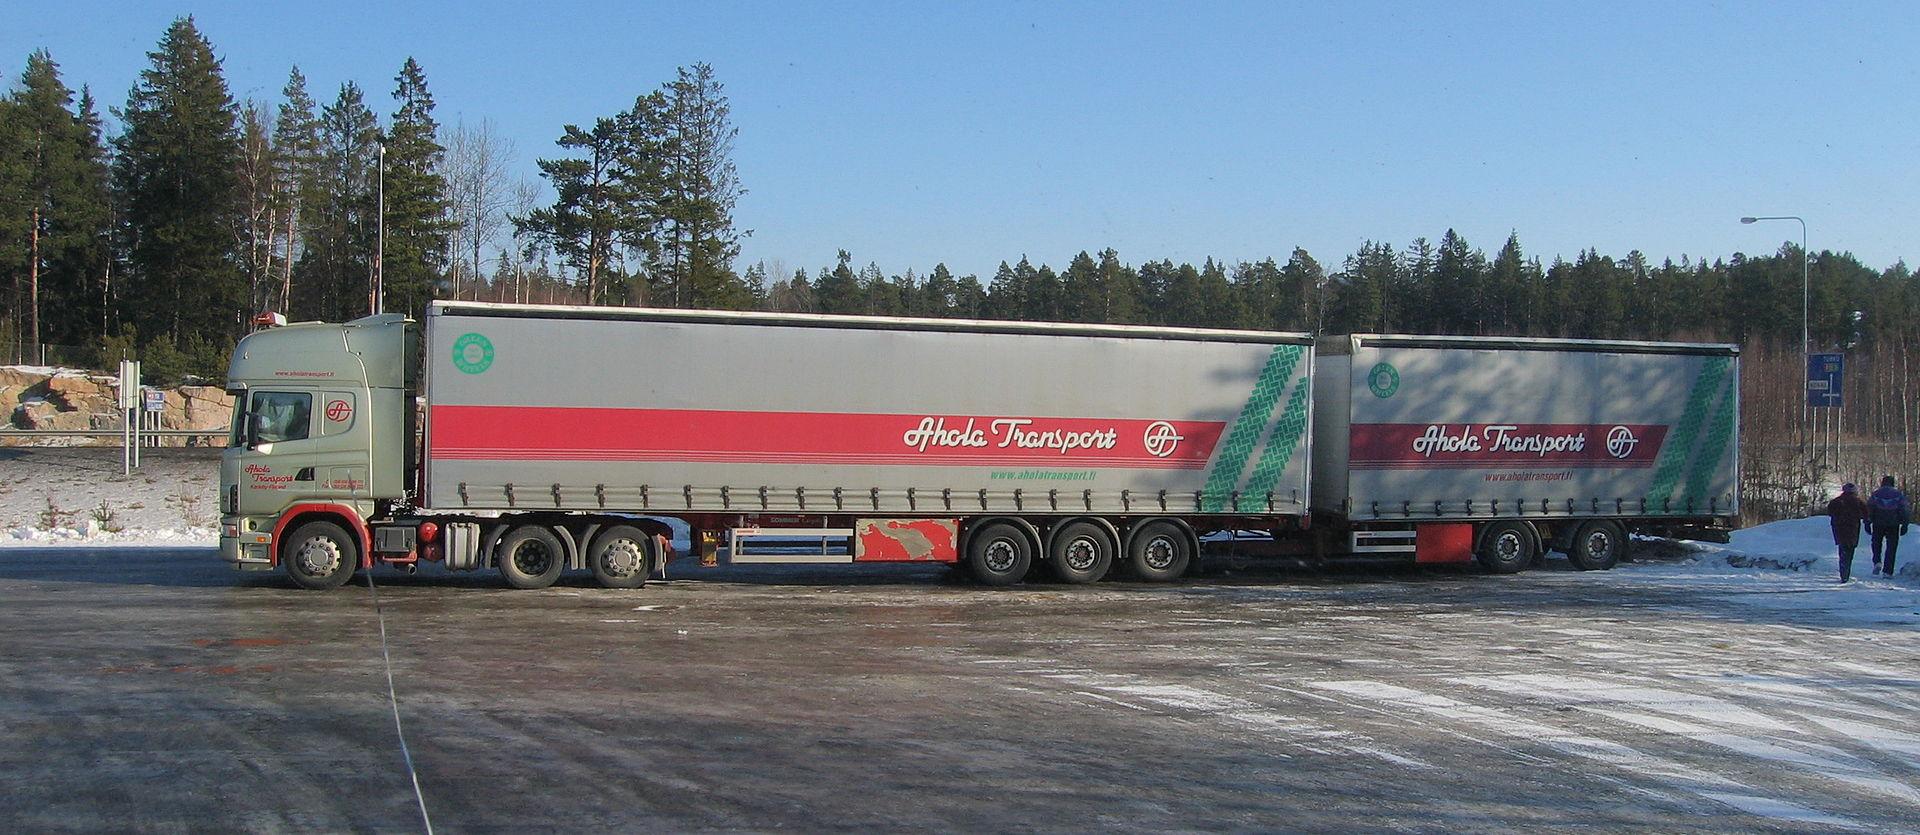 Ponad 25-metrowe ciężarówki w Polsce? Jedna już pojechała, co dalej?